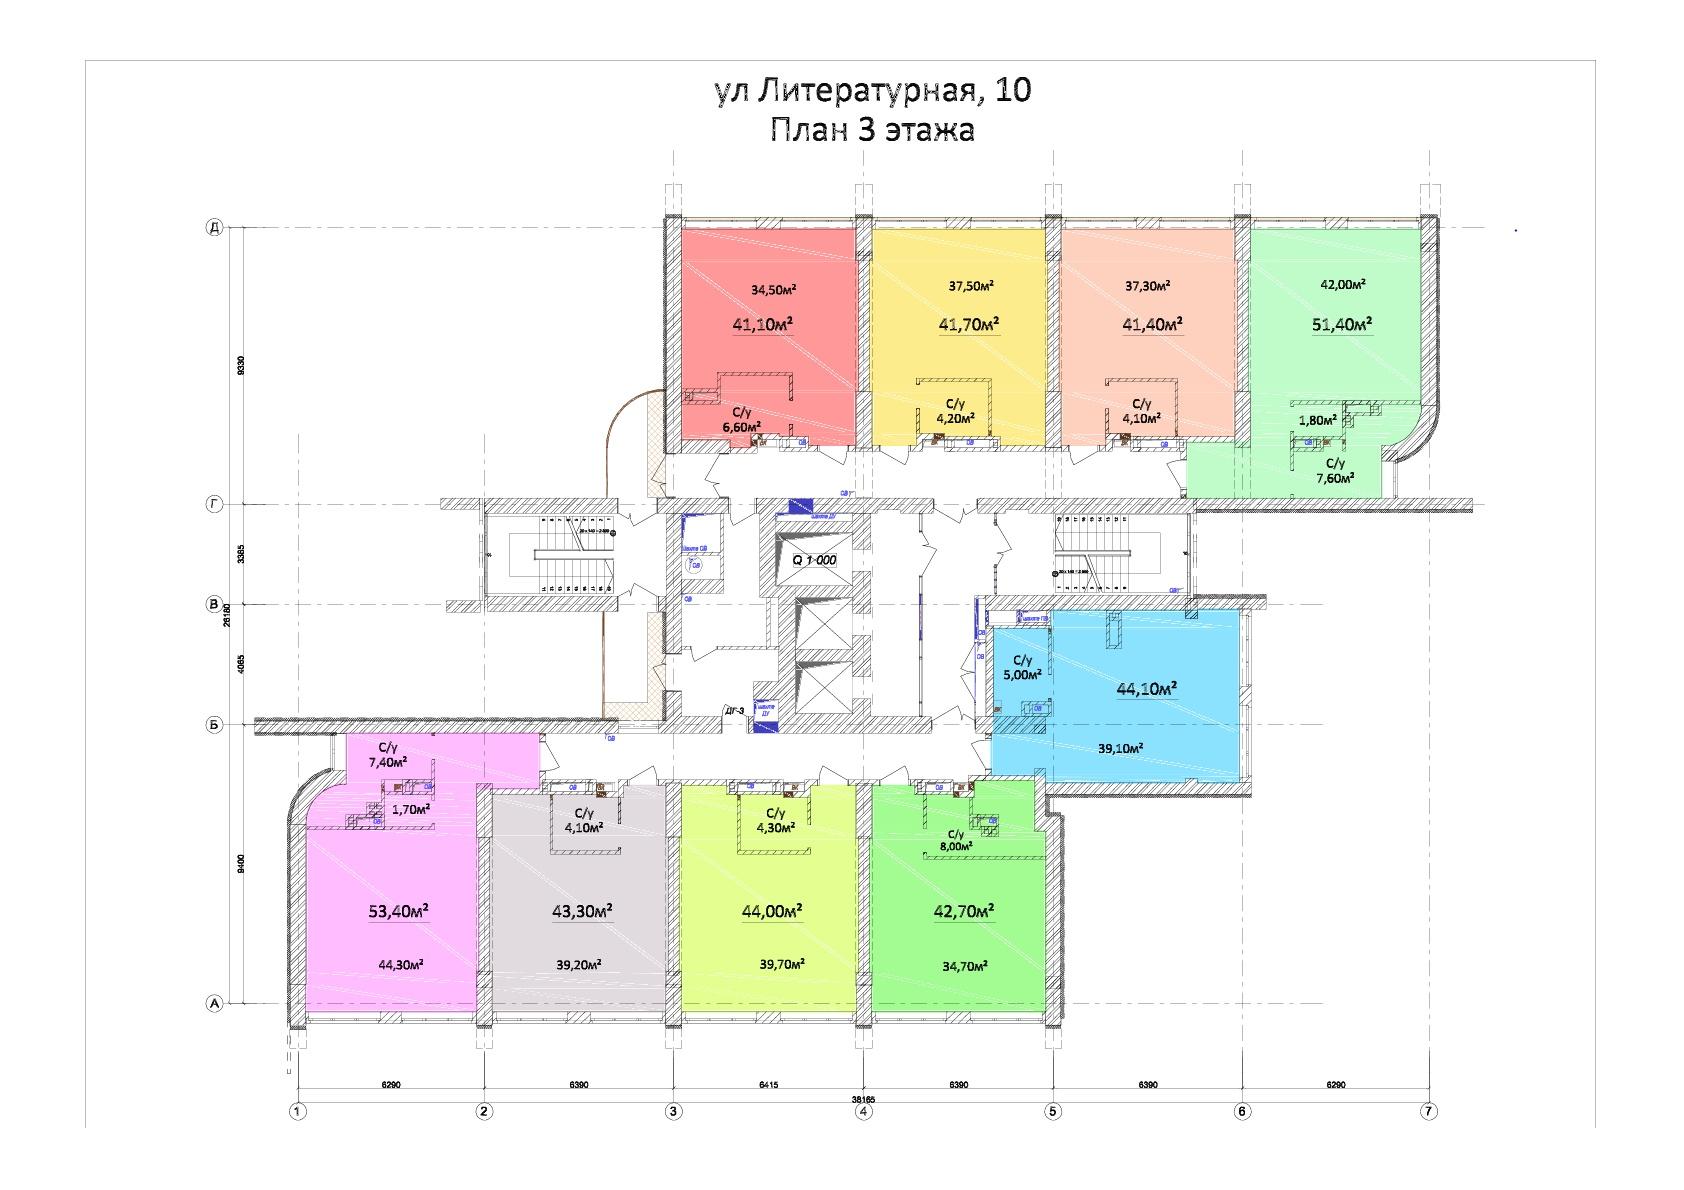 ЖК Орион План 3 этажа